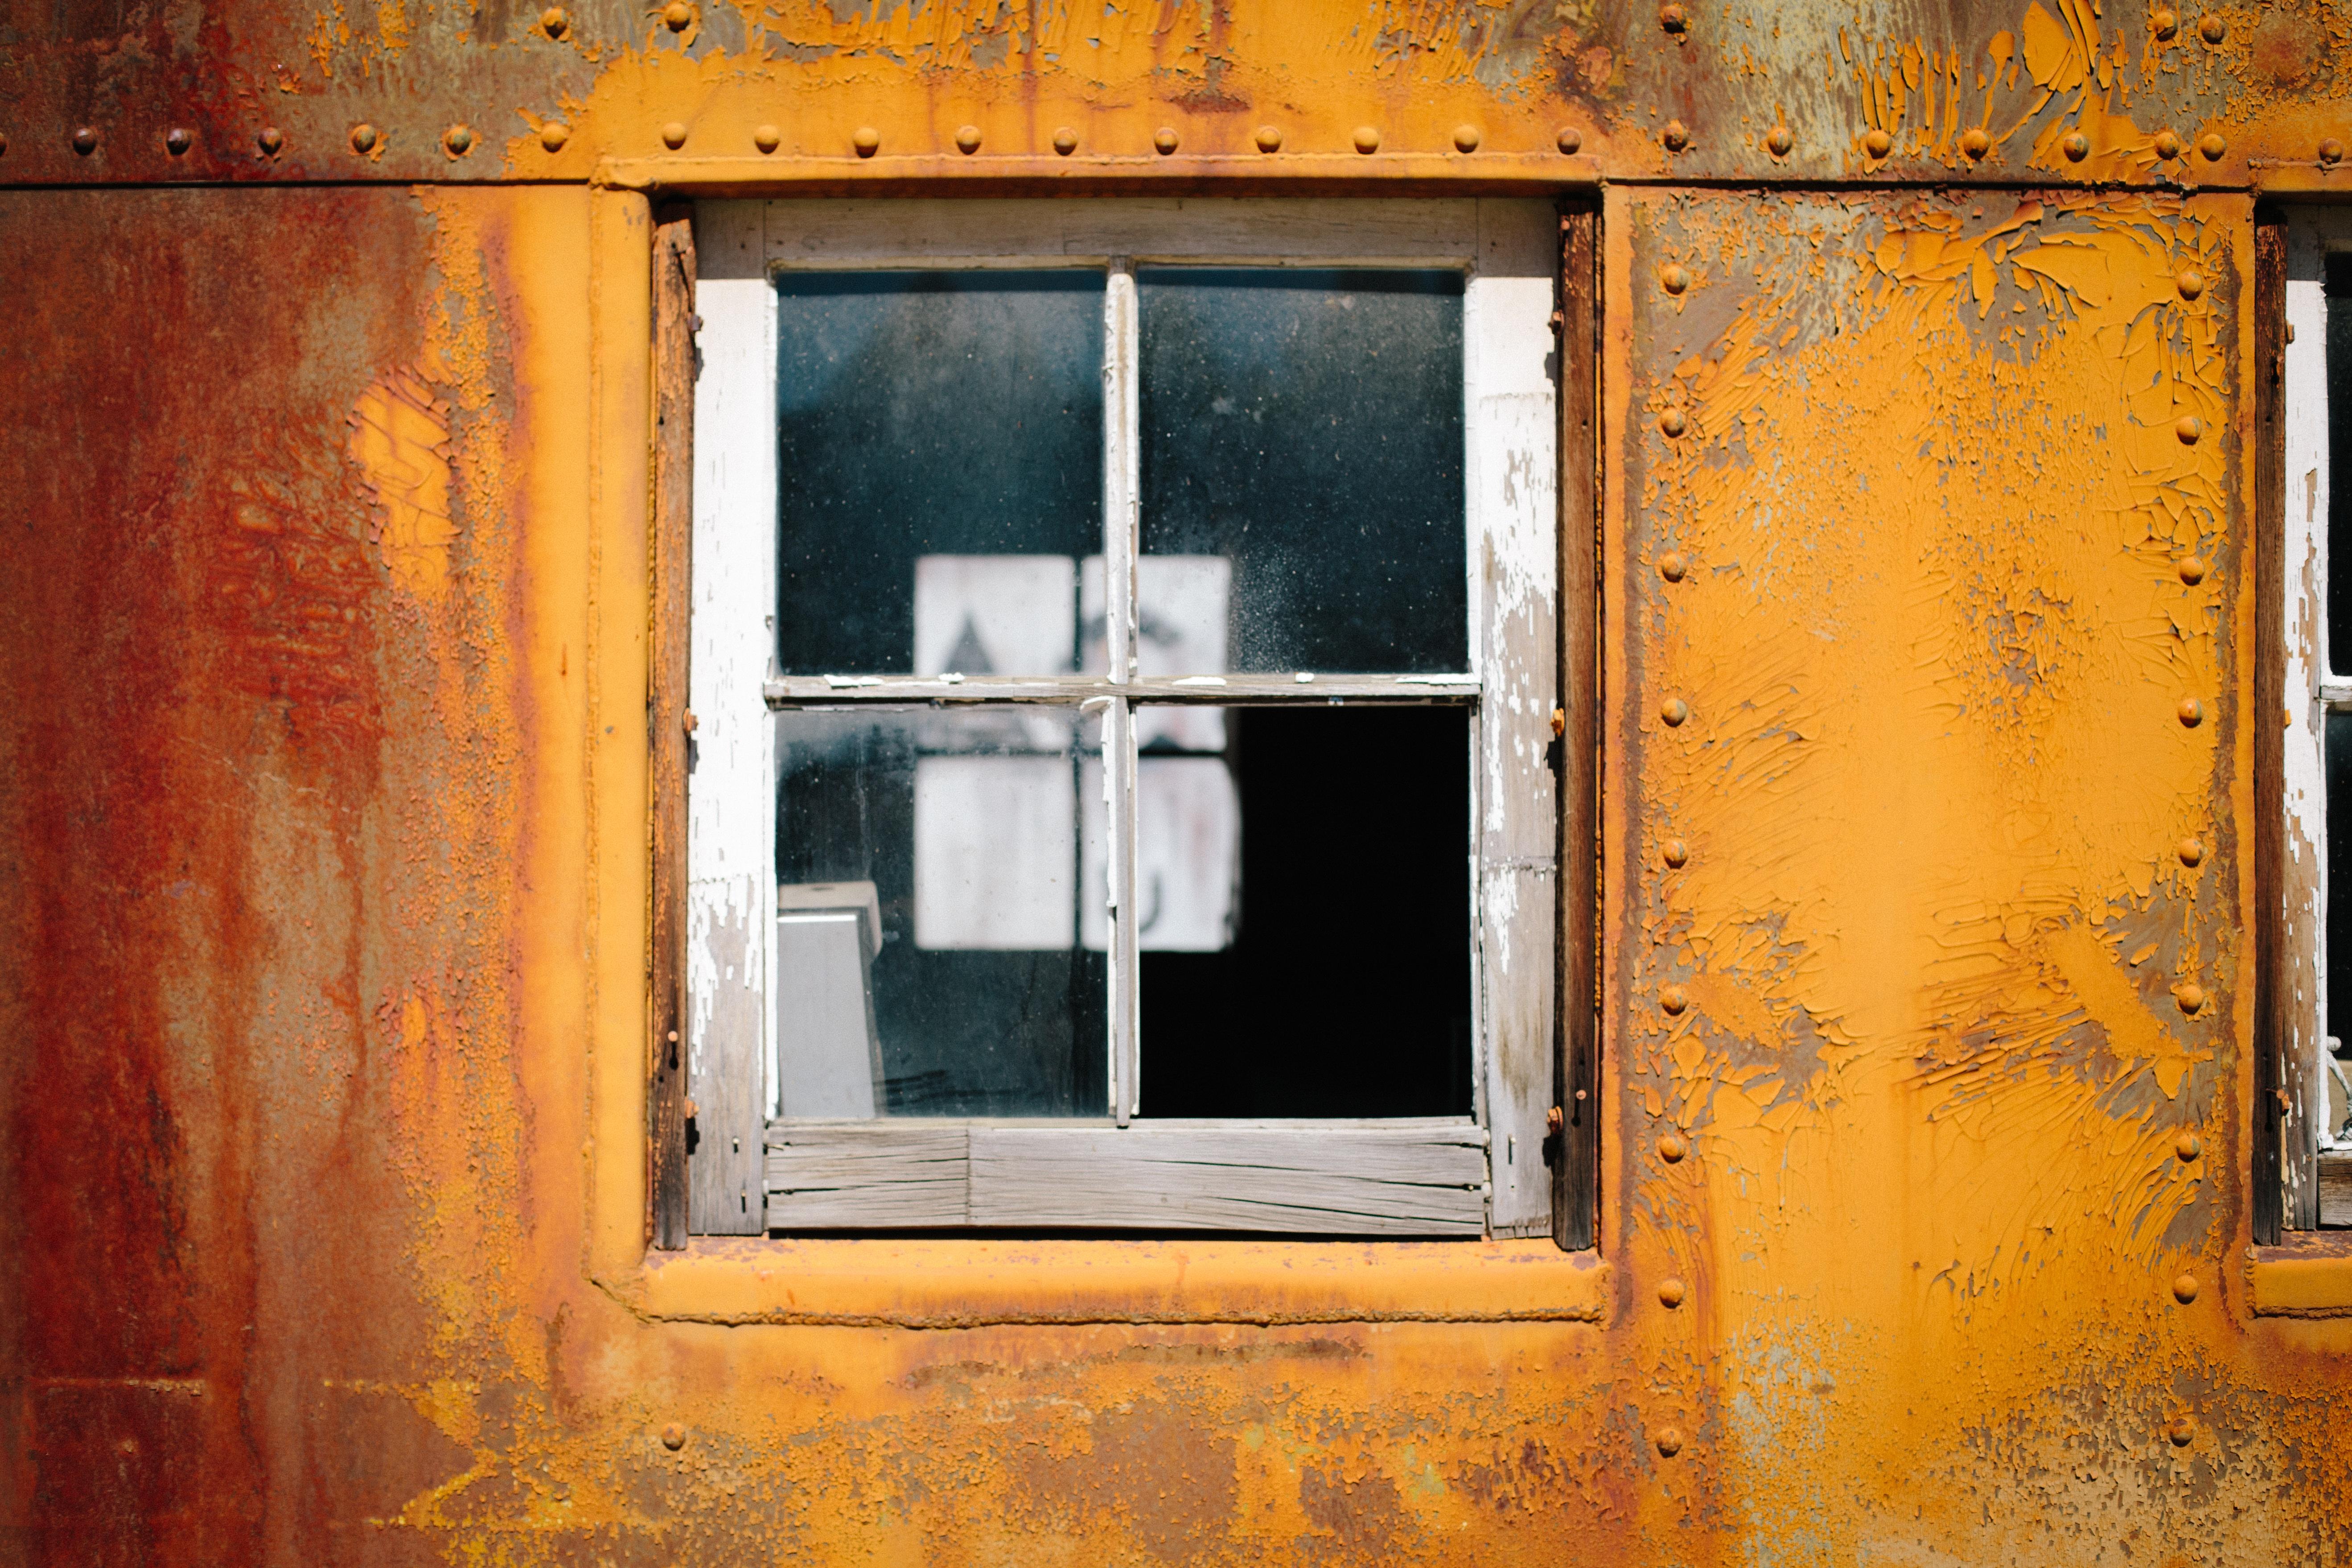 Fotos gratis : madera, casa, pared, acero, color, metal, marco ...